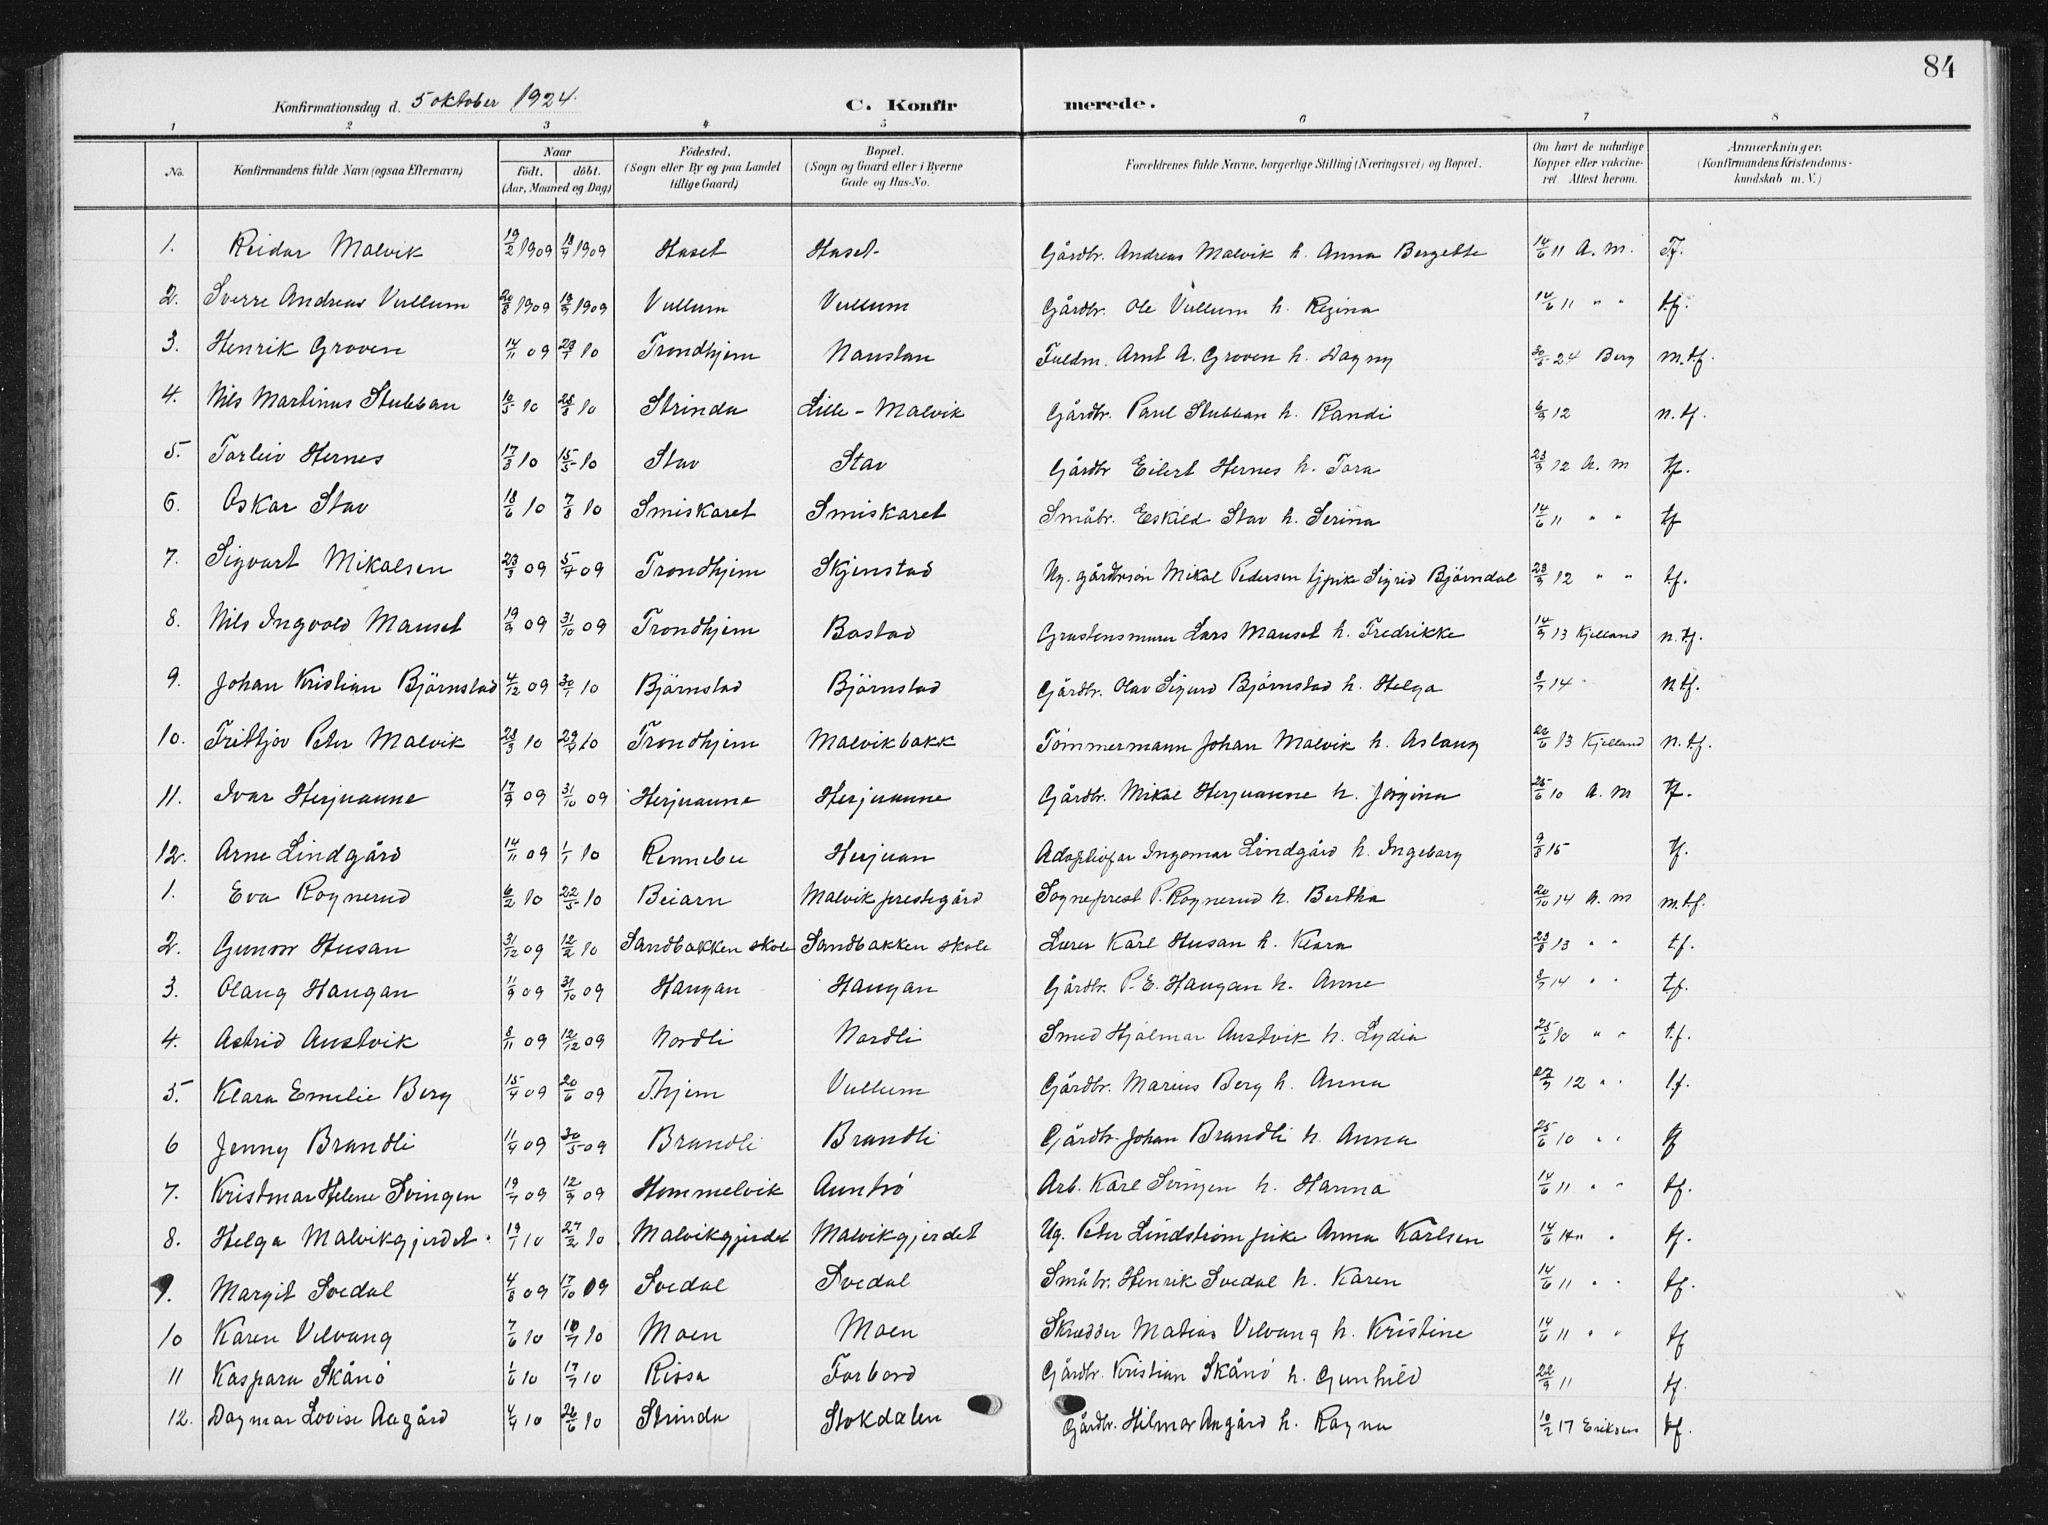 SAT, Ministerialprotokoller, klokkerbøker og fødselsregistre - Sør-Trøndelag, 616/L0424: Klokkerbok nr. 616C07, 1904-1940, s. 84